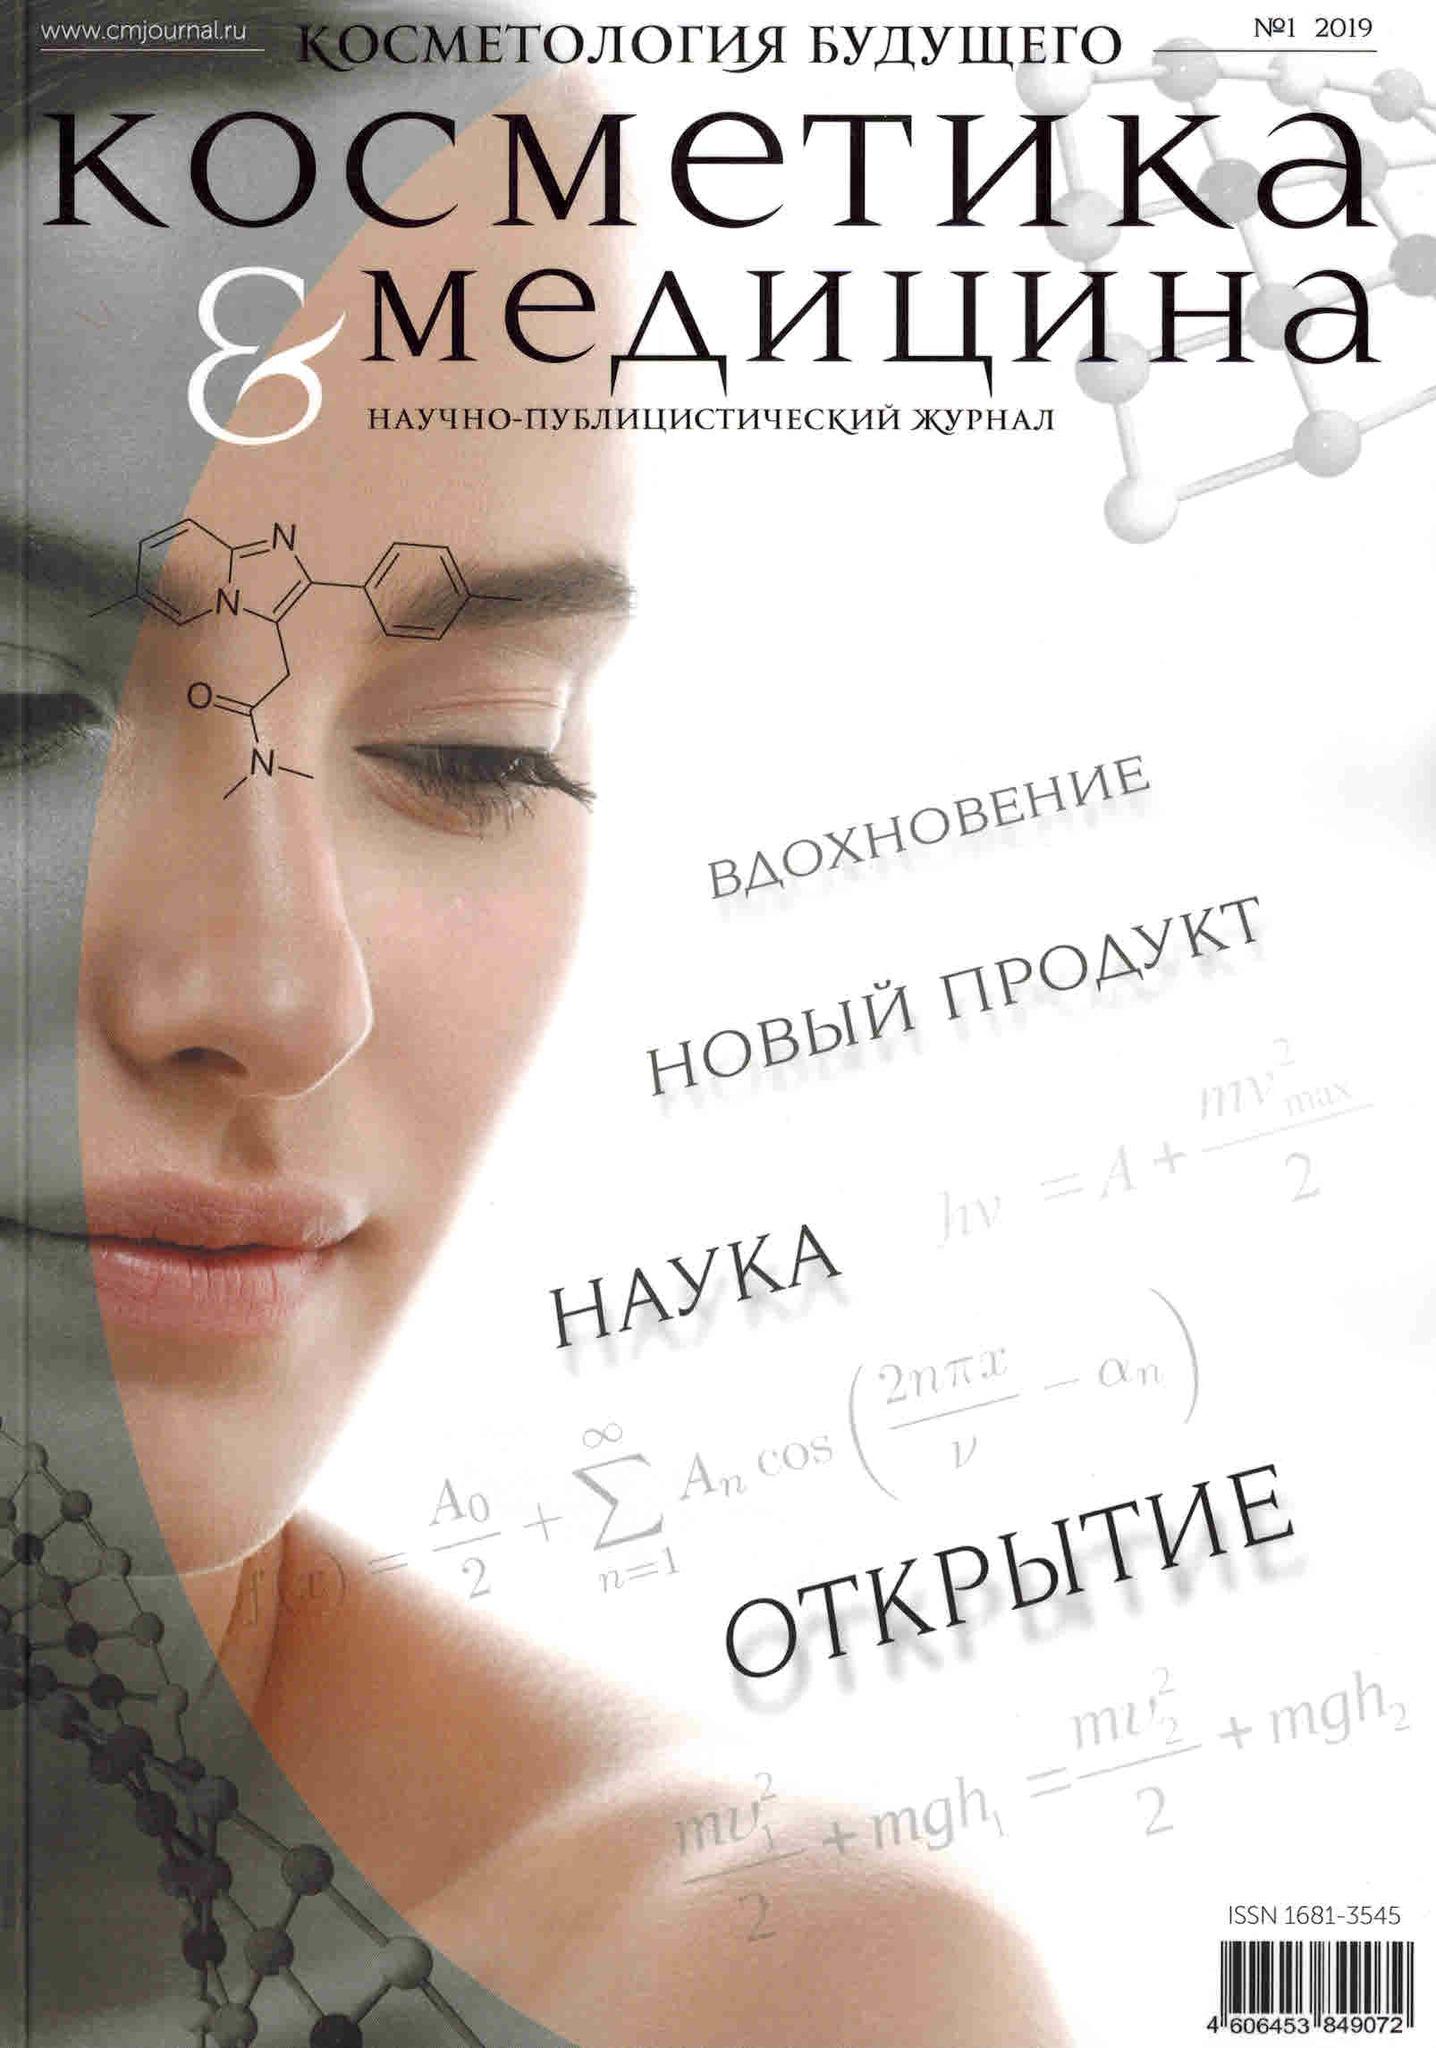 Новинки Косметика и медицина №1/2019 k-m_1-19.jpg